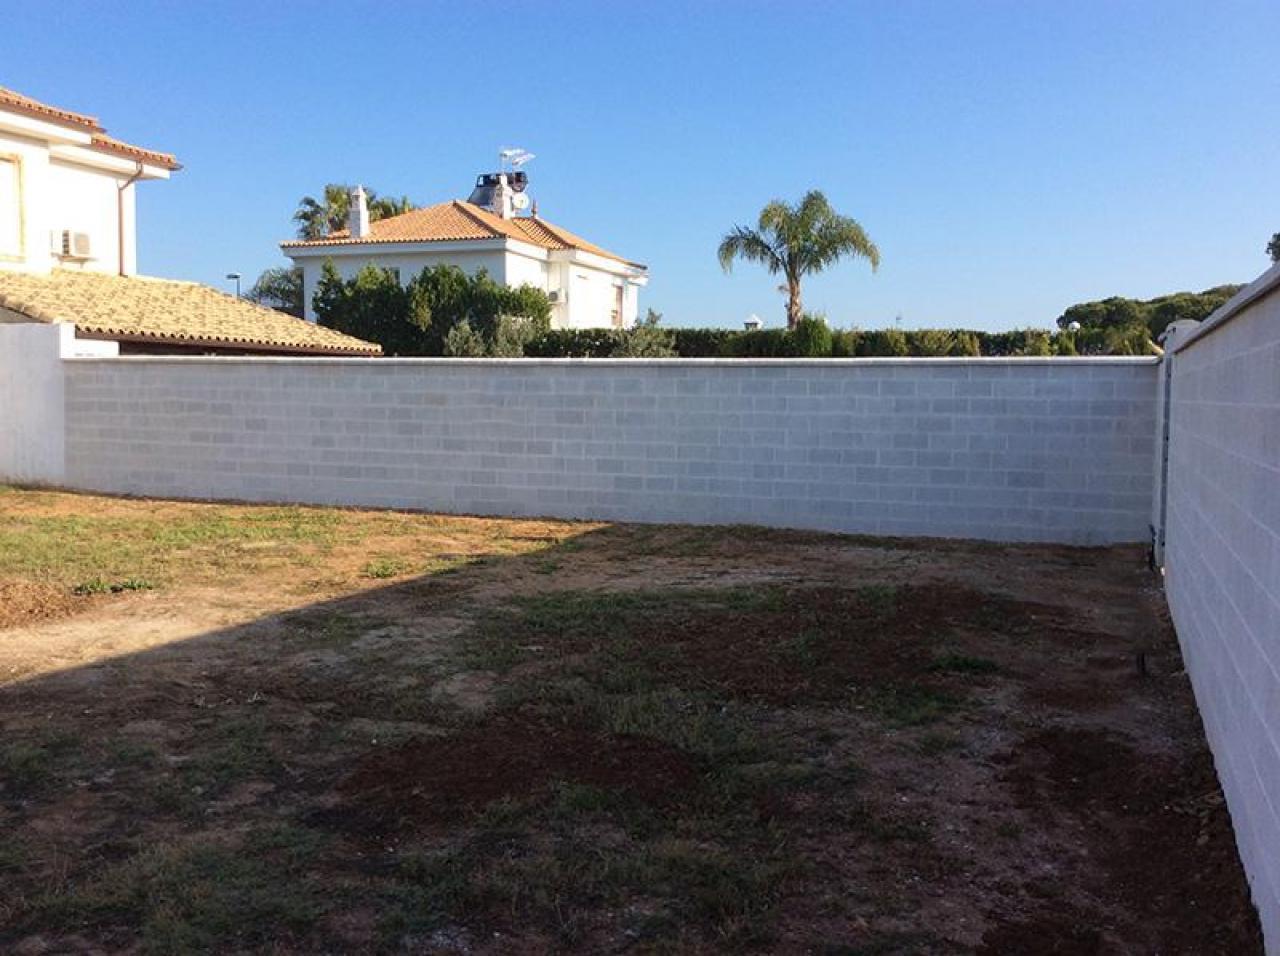 Alquiler de habitaciones El Portil, Huelva